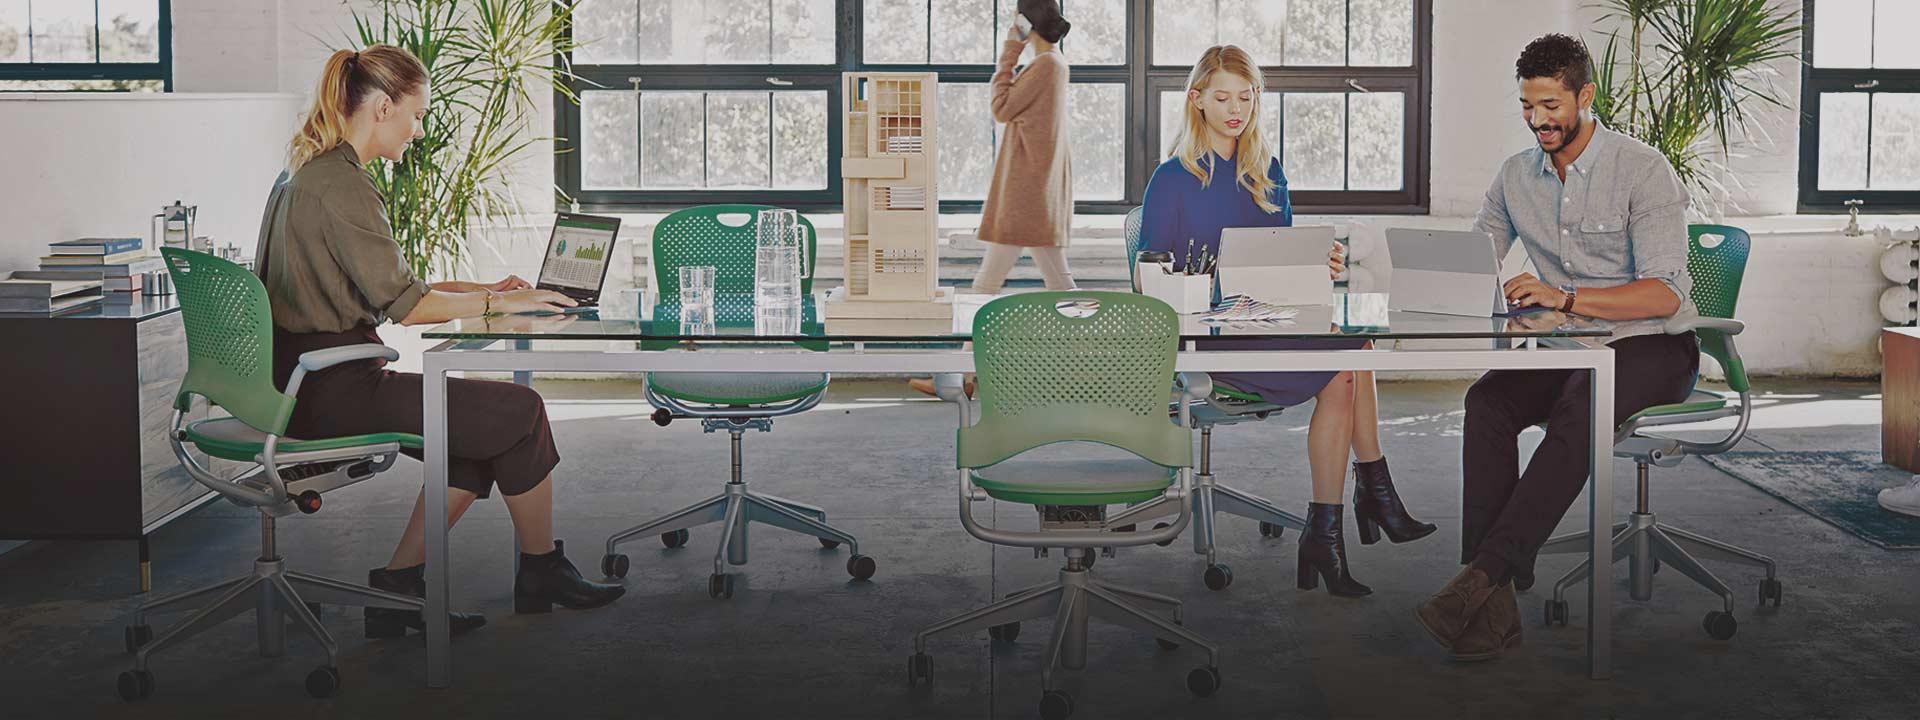 Хора, които работят, научете повече за Office 365